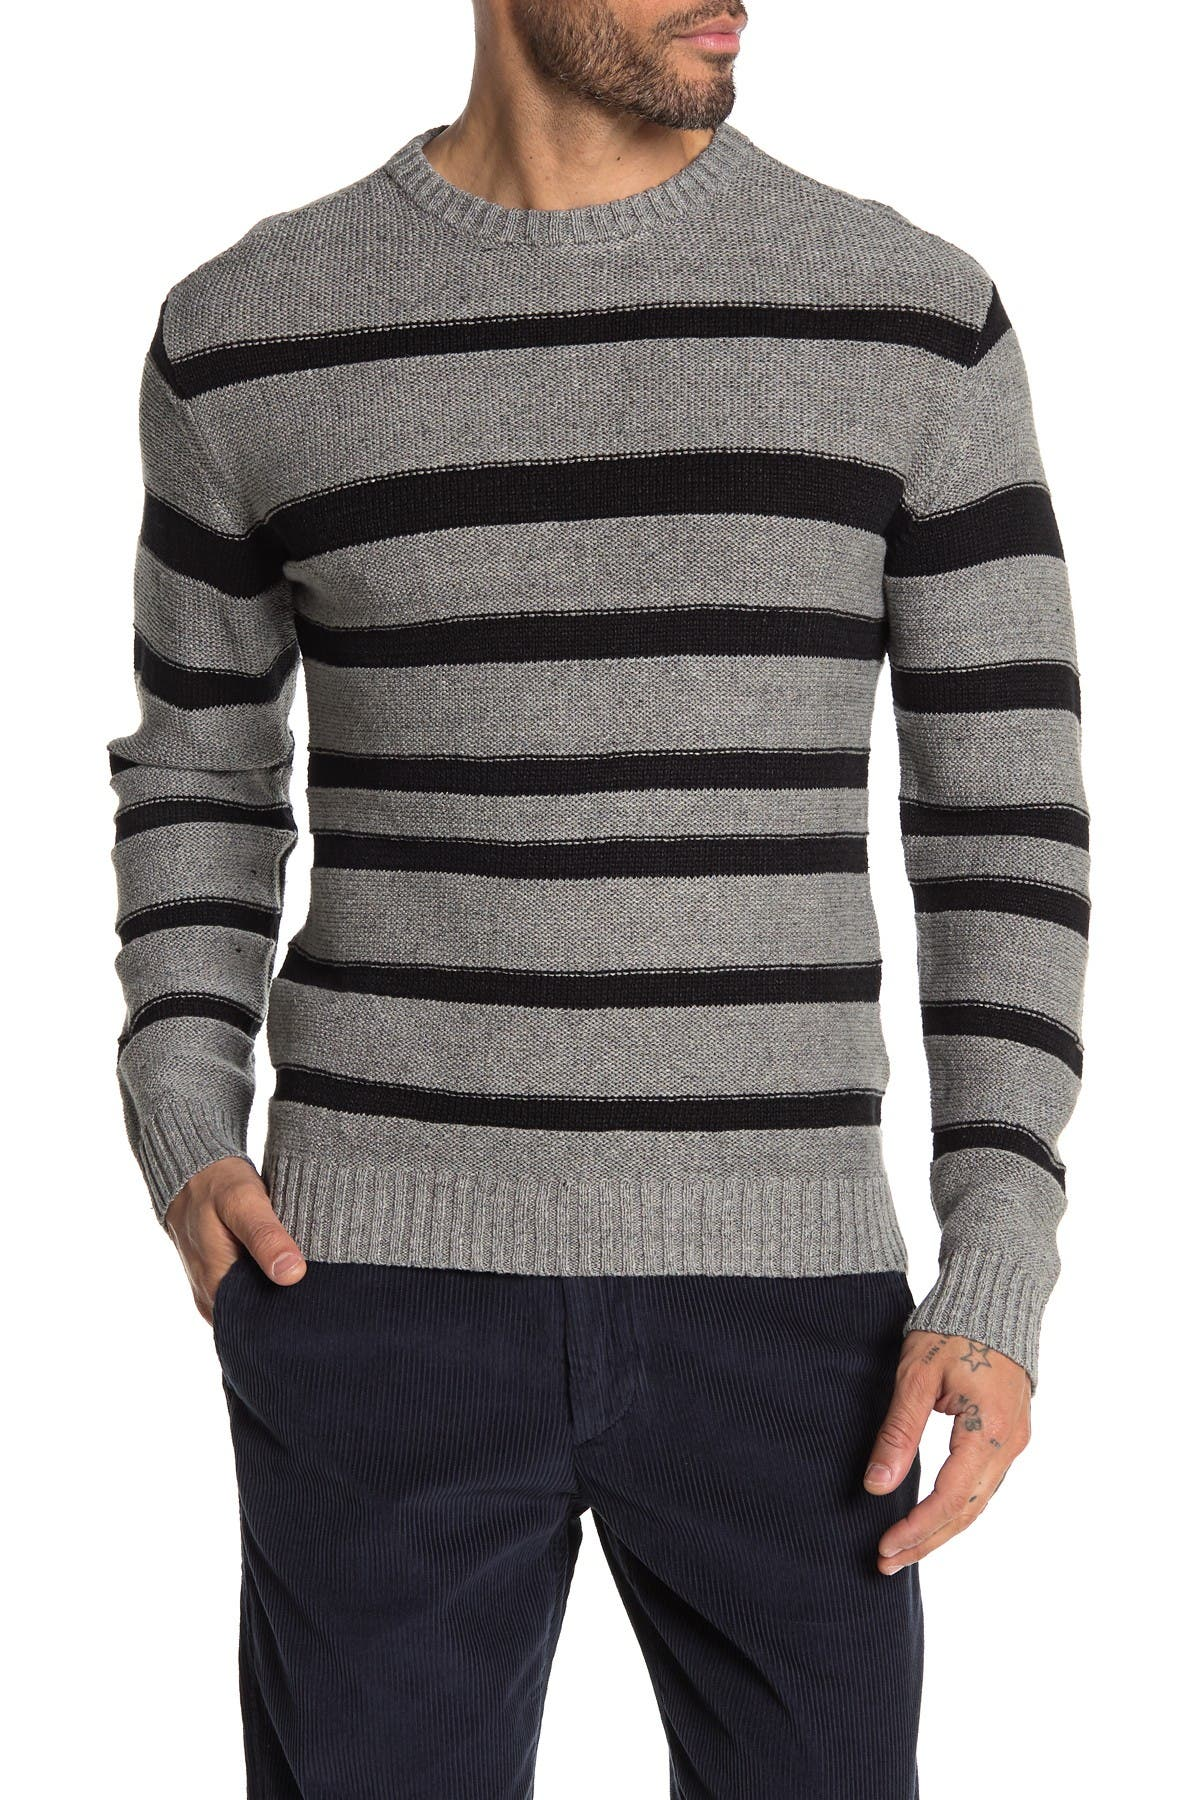 Image of BALDWIN Gilpin Stripe Crew Neck Sweater